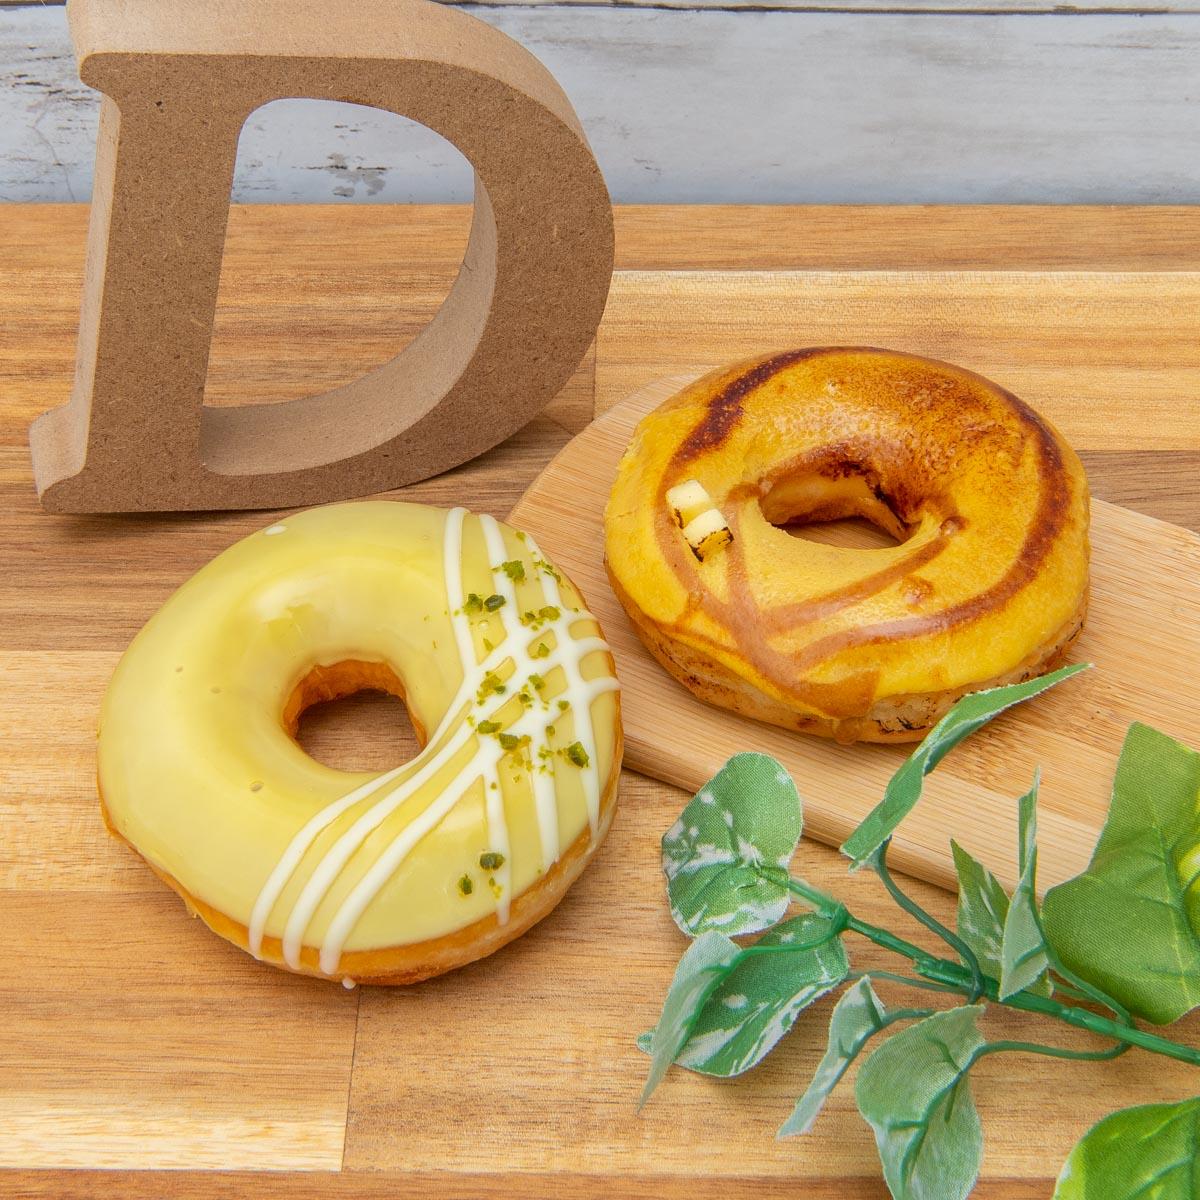 クリスピー・クリーム・ドーナツ「バスク風 チーズケーキ&レモン レア チーズケーキ」